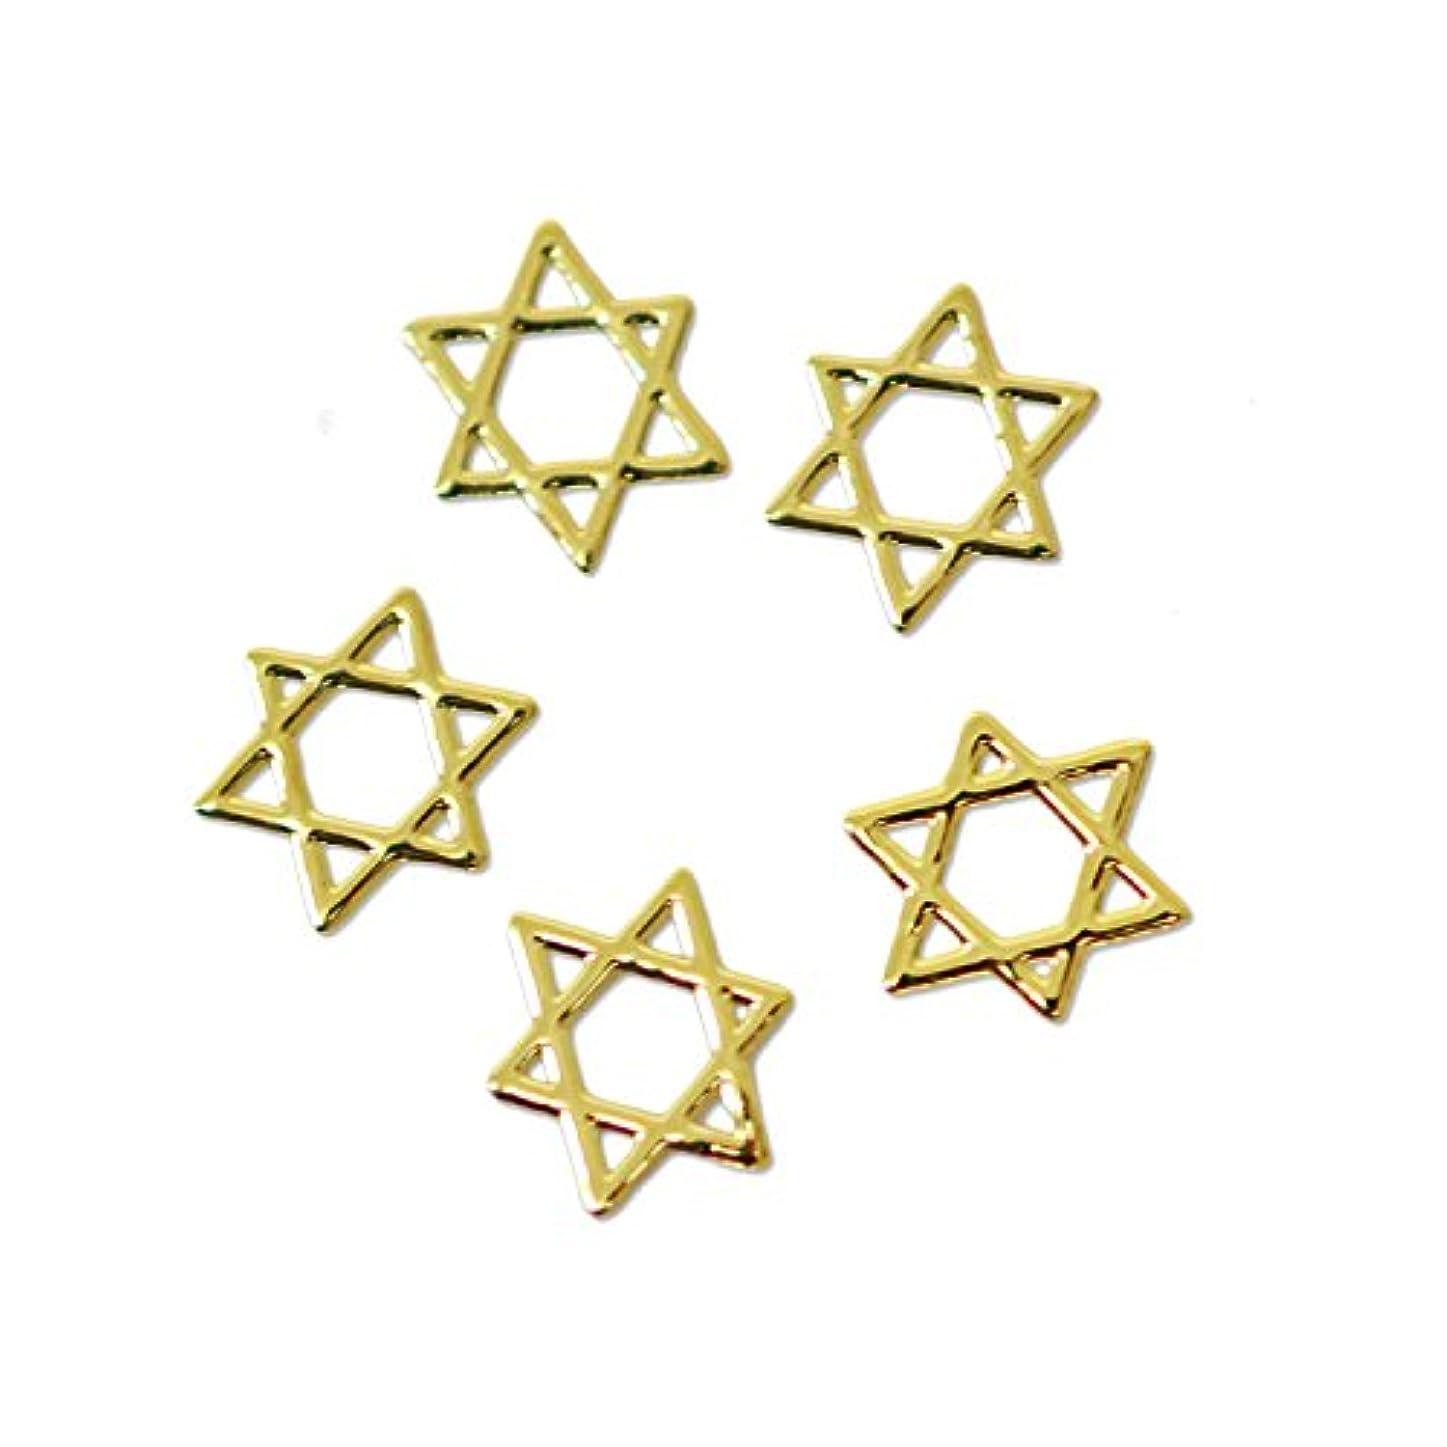 艦隊レンチ悲しい薄型メタルパーツ10030六芒星 ヘキサグラム ダビデの星 4mm×4mm(ゴールド)/20p入り 片面仕上げ